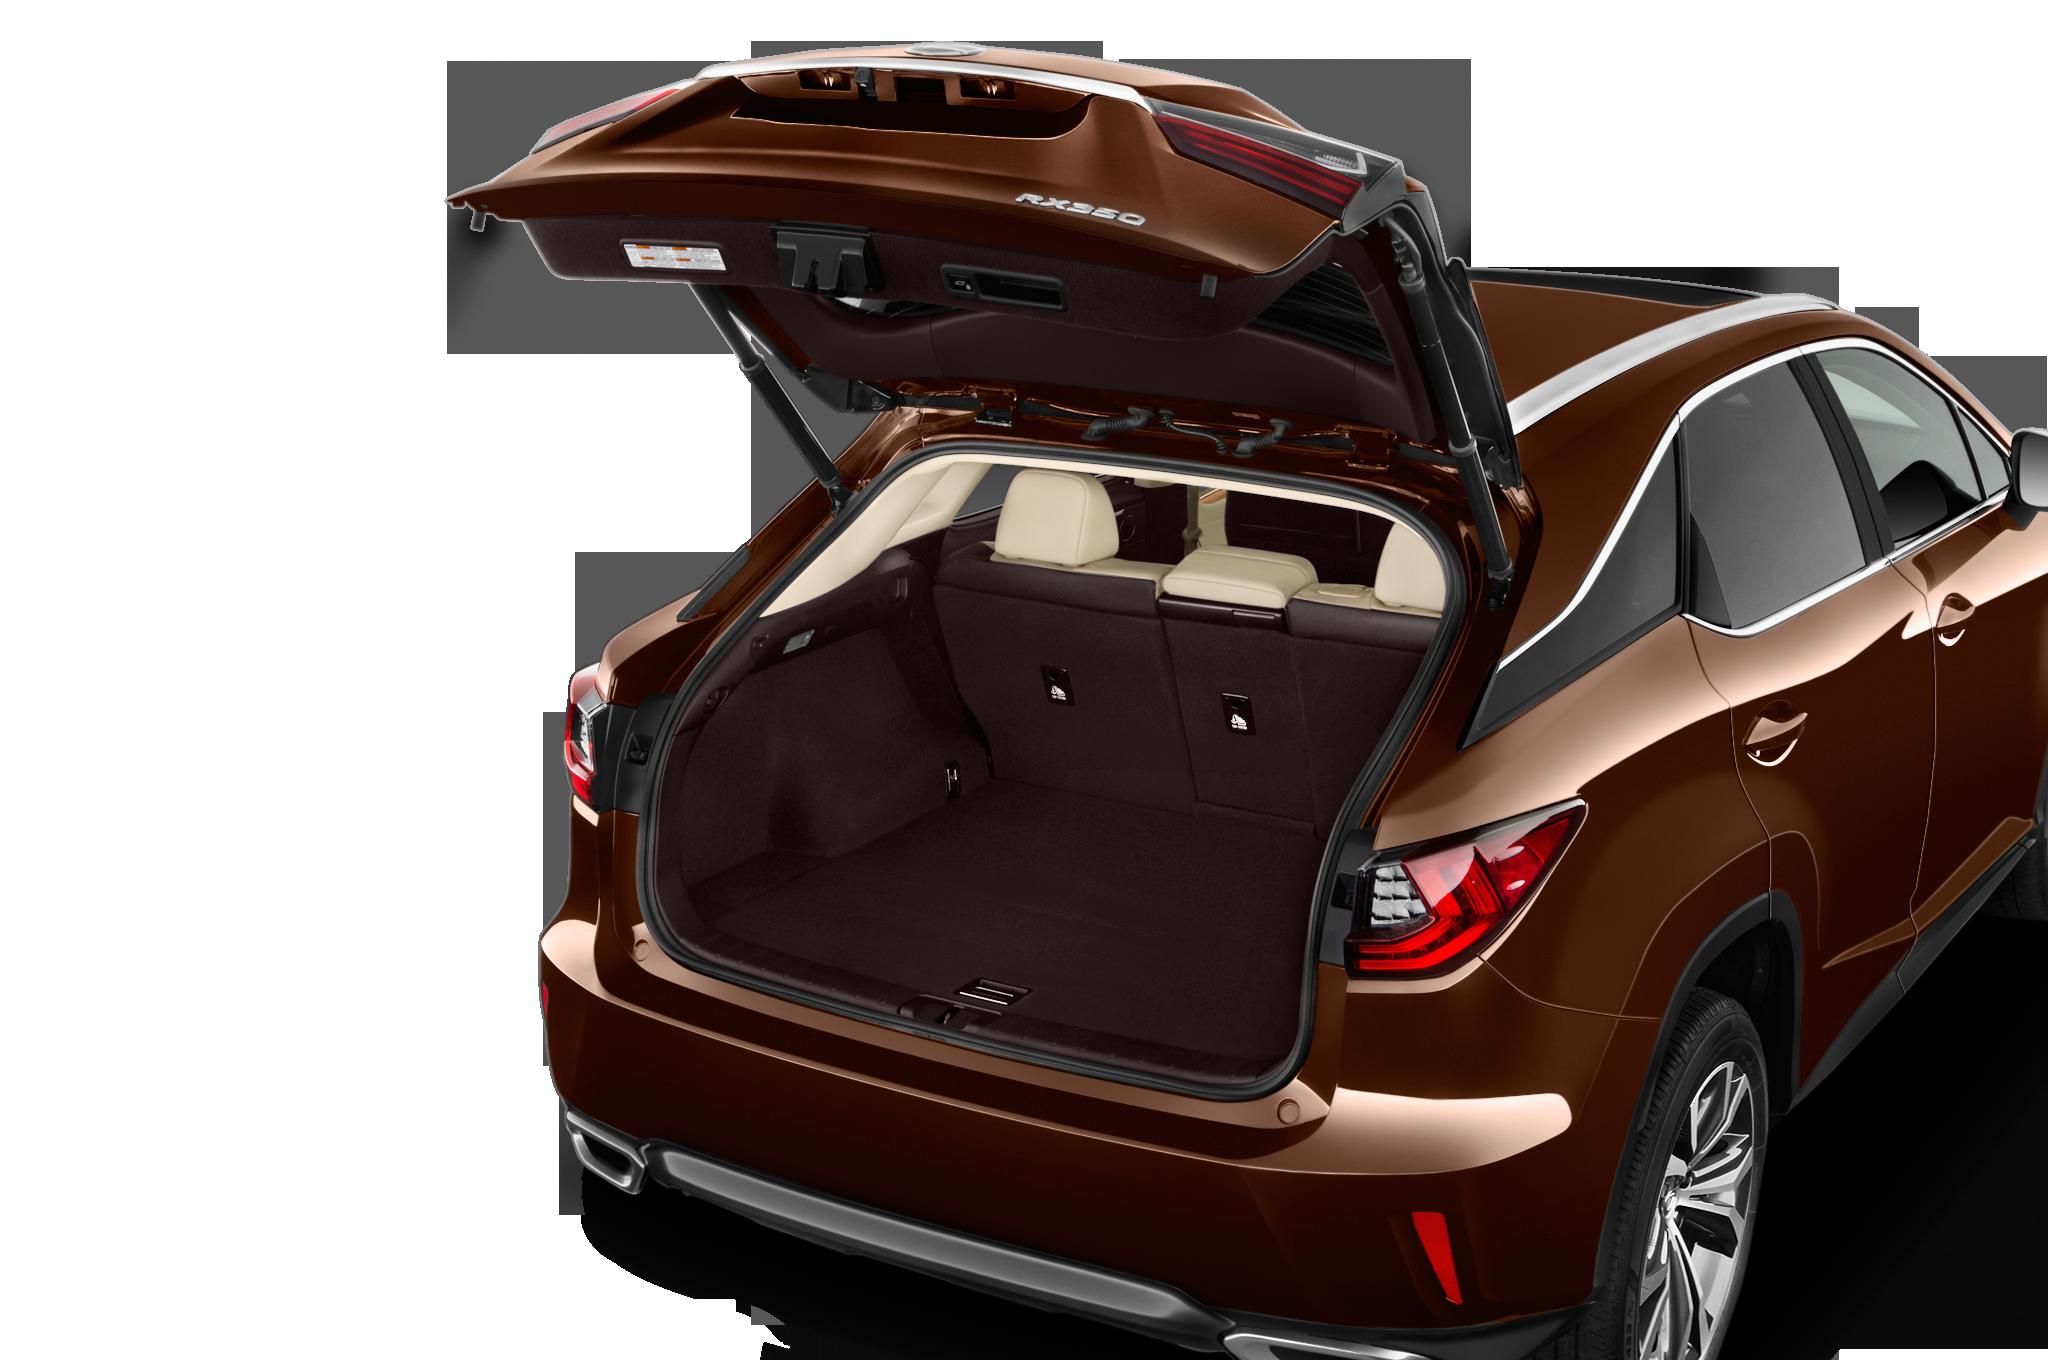 2017 Lexus Rx 350 Interior Dimensions Psoriasisguru Com